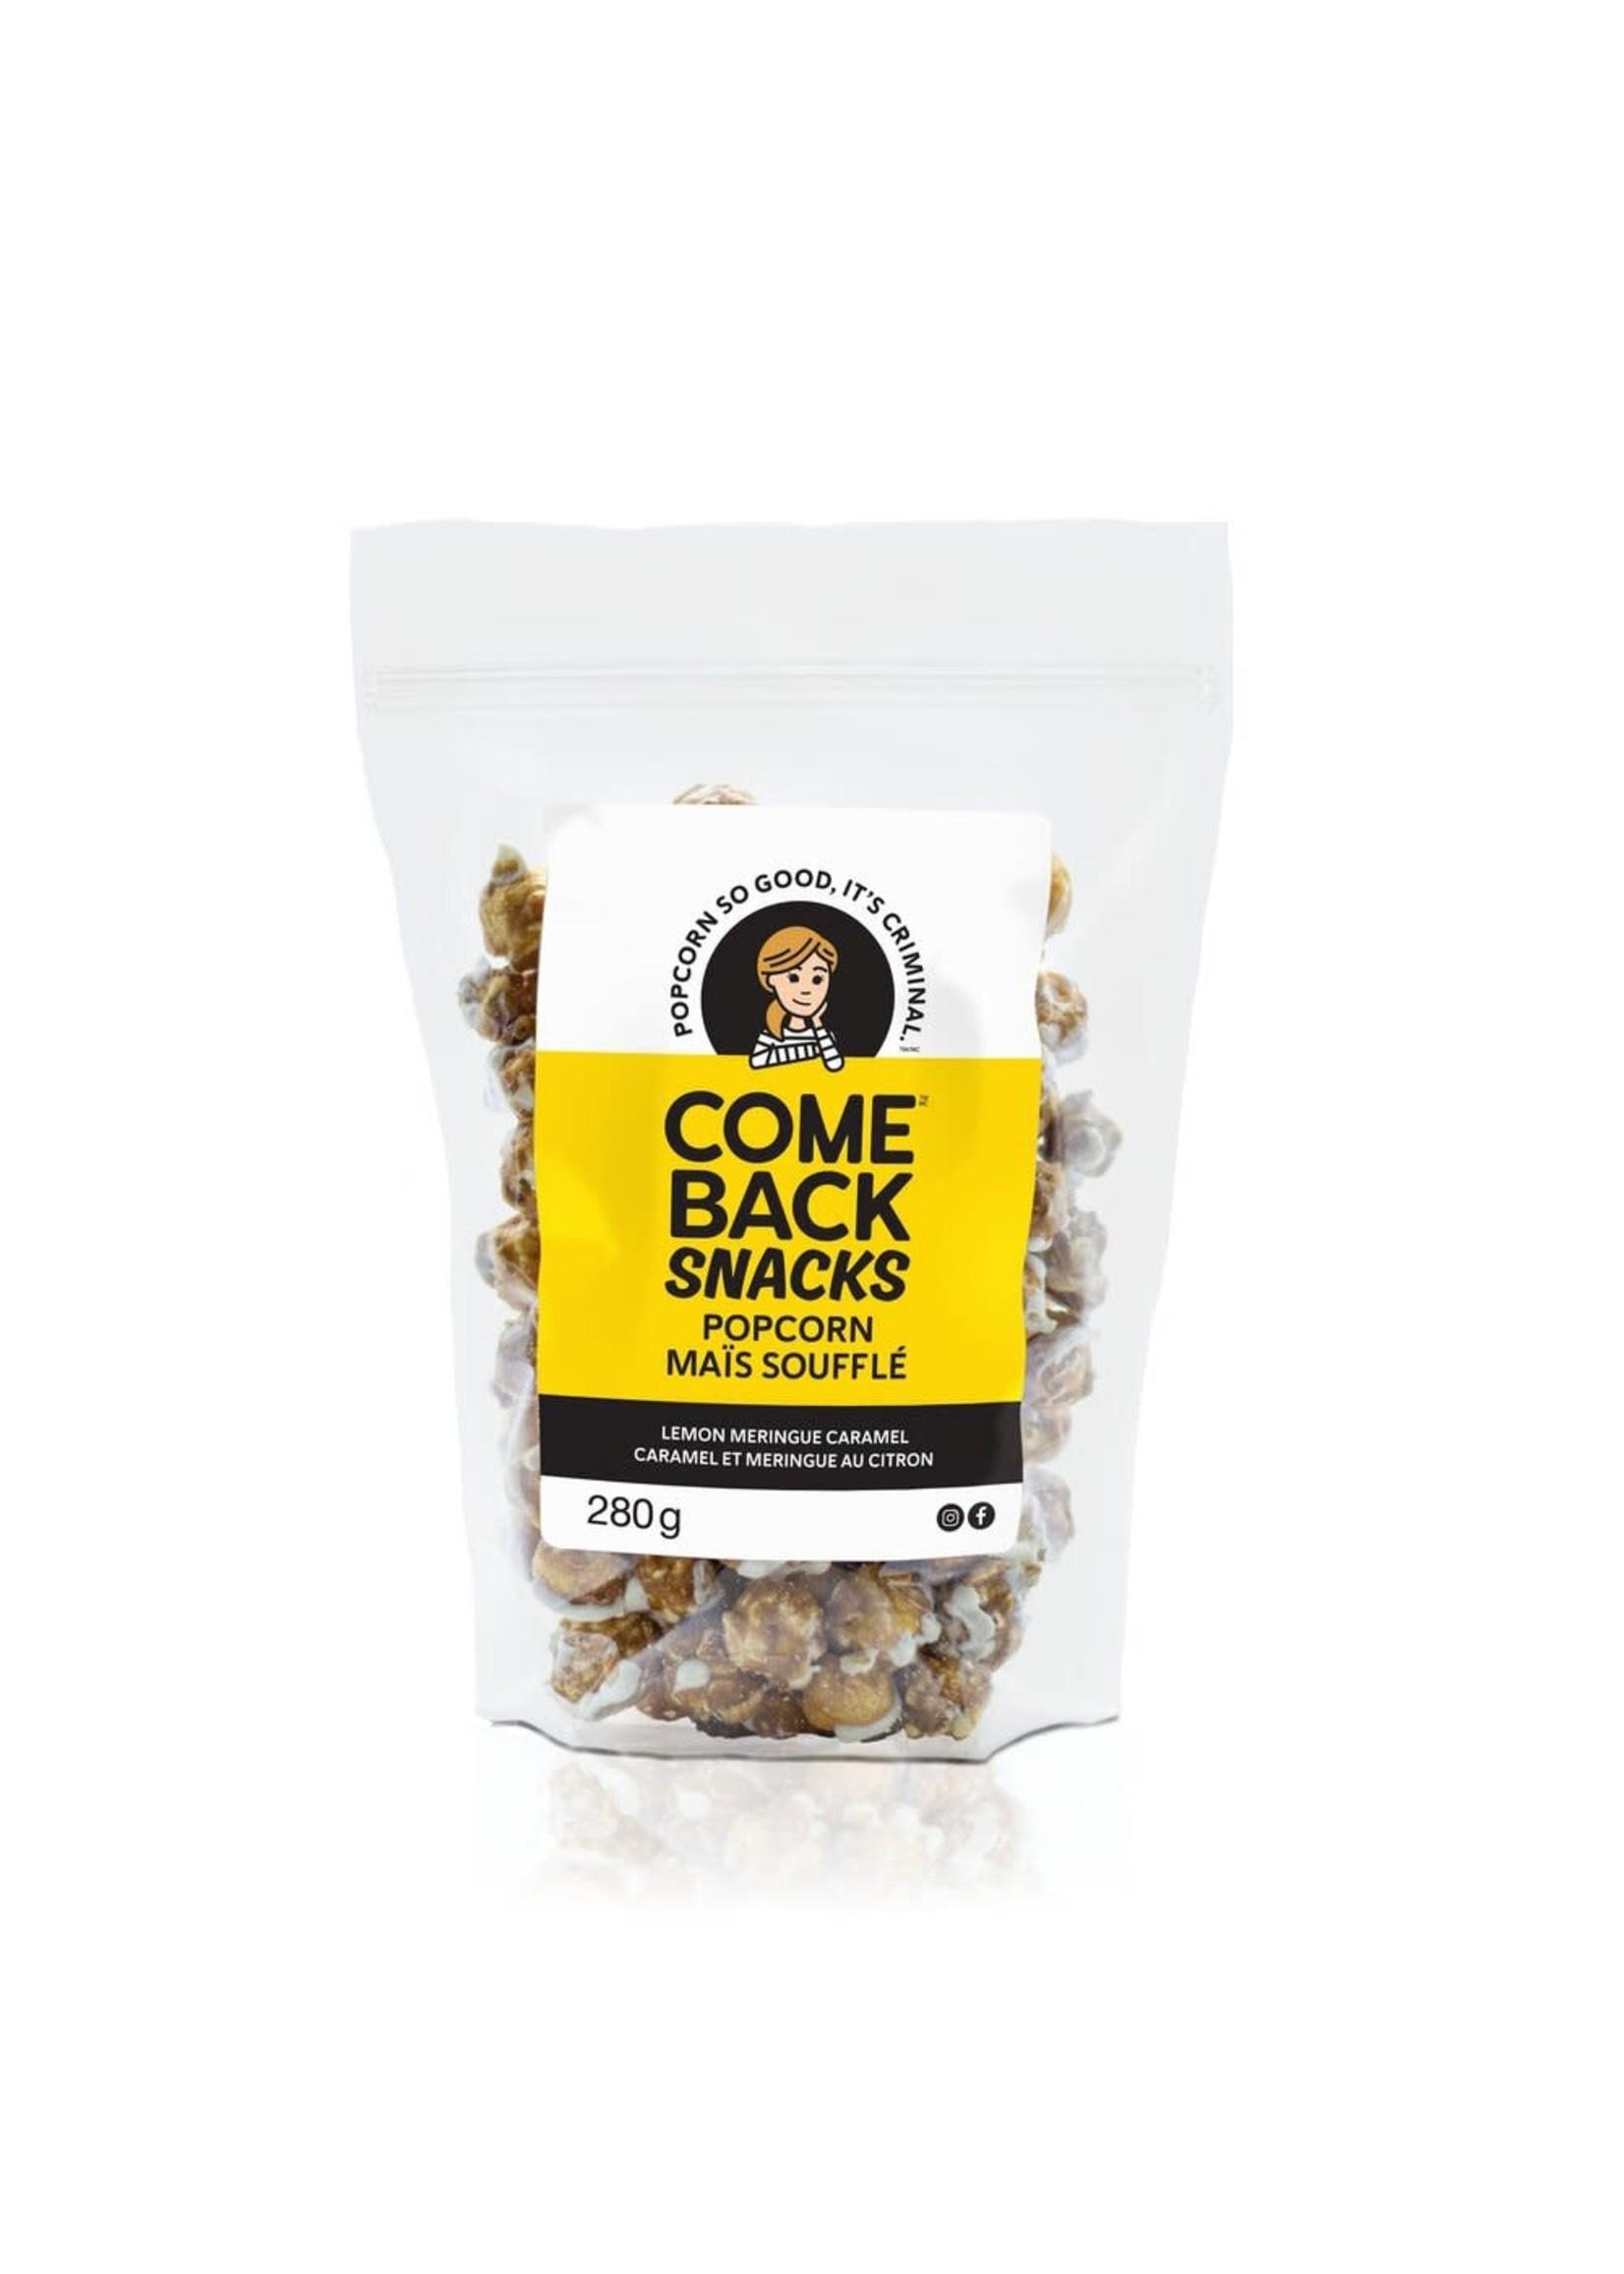 Comeback Snacks Inc C.S Lemon Meringue Caramel